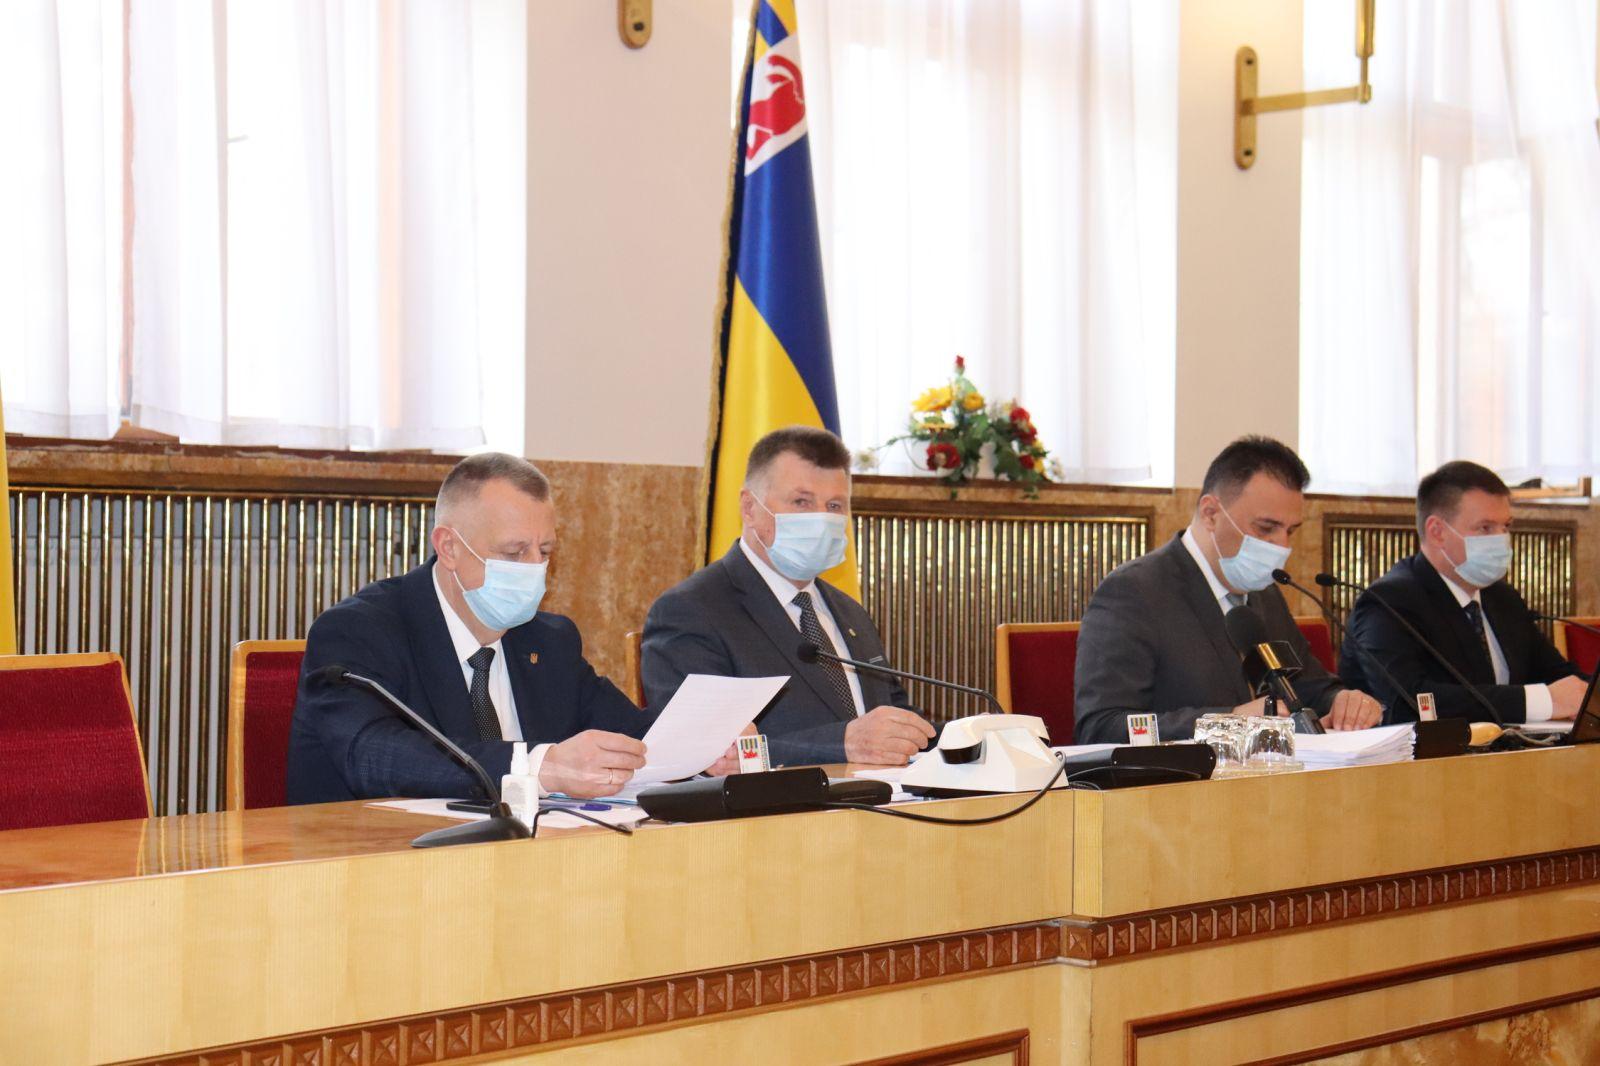 З обласного бюджету Закарпаття виділили 153 млн 749 тис грн на протидію коронавірусу